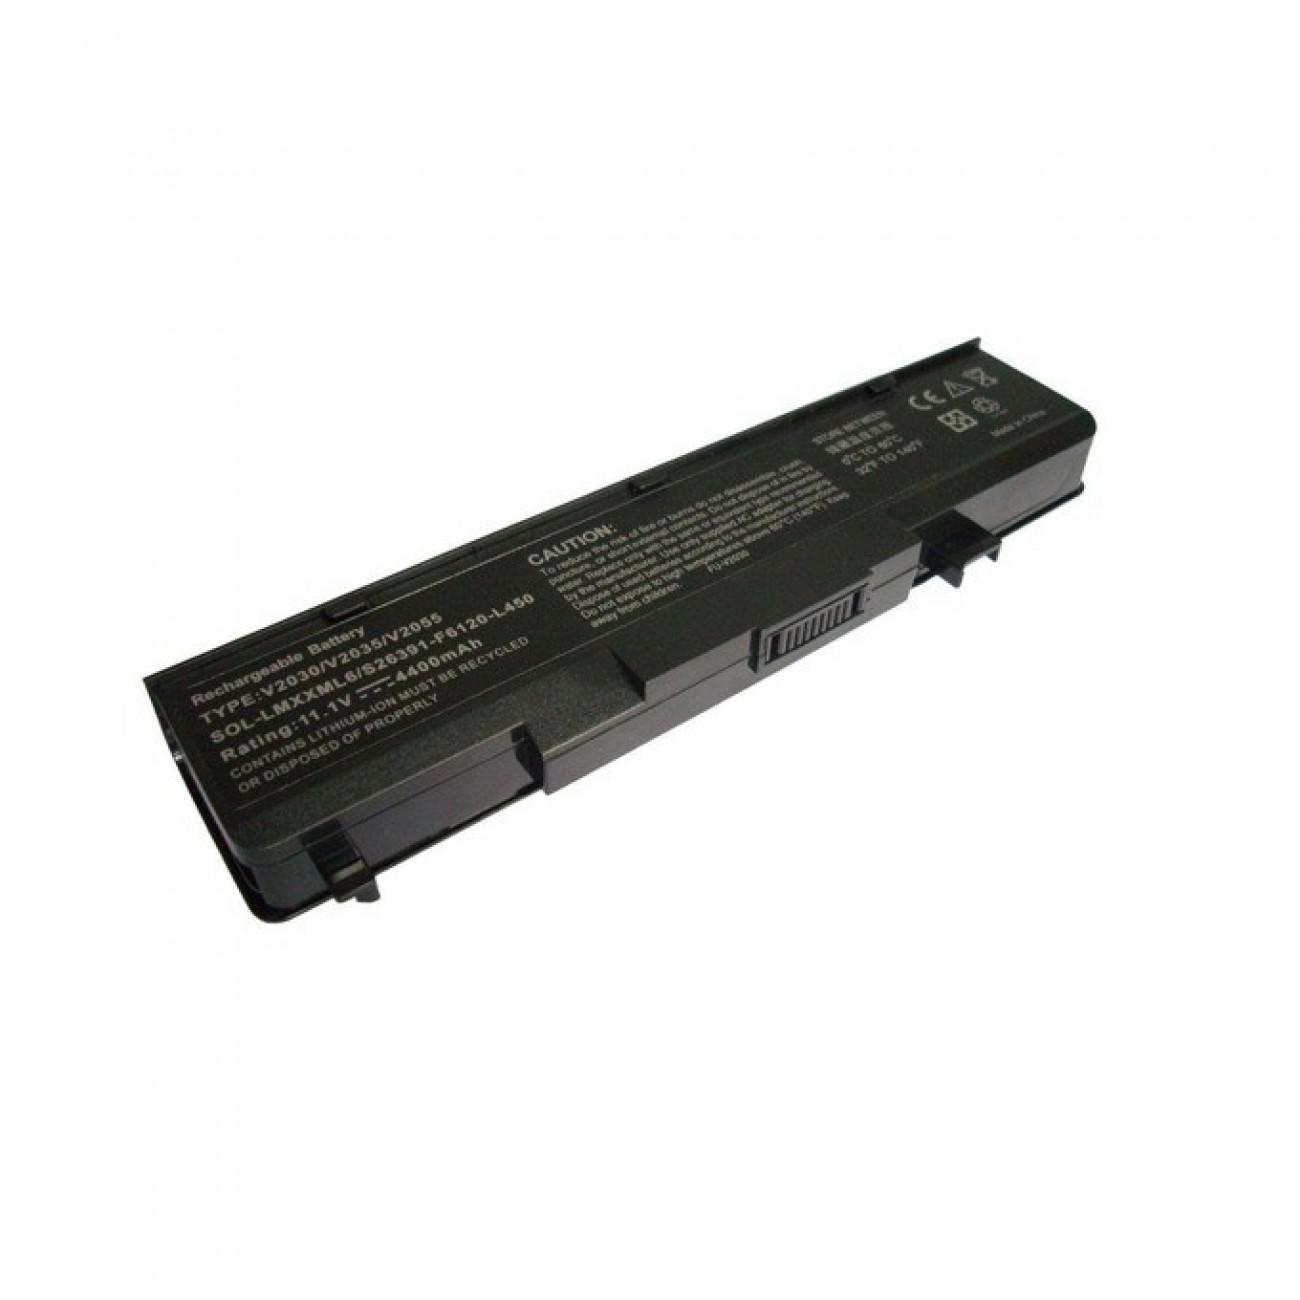 Батерия (заместител) за Fujitsu-Siemens L7320, съвместима с Li1705/Amilo Pro V2030/V2055, 6cell, 11.1V, 4400mAh в Батерии за Лаптоп -  | Alleop